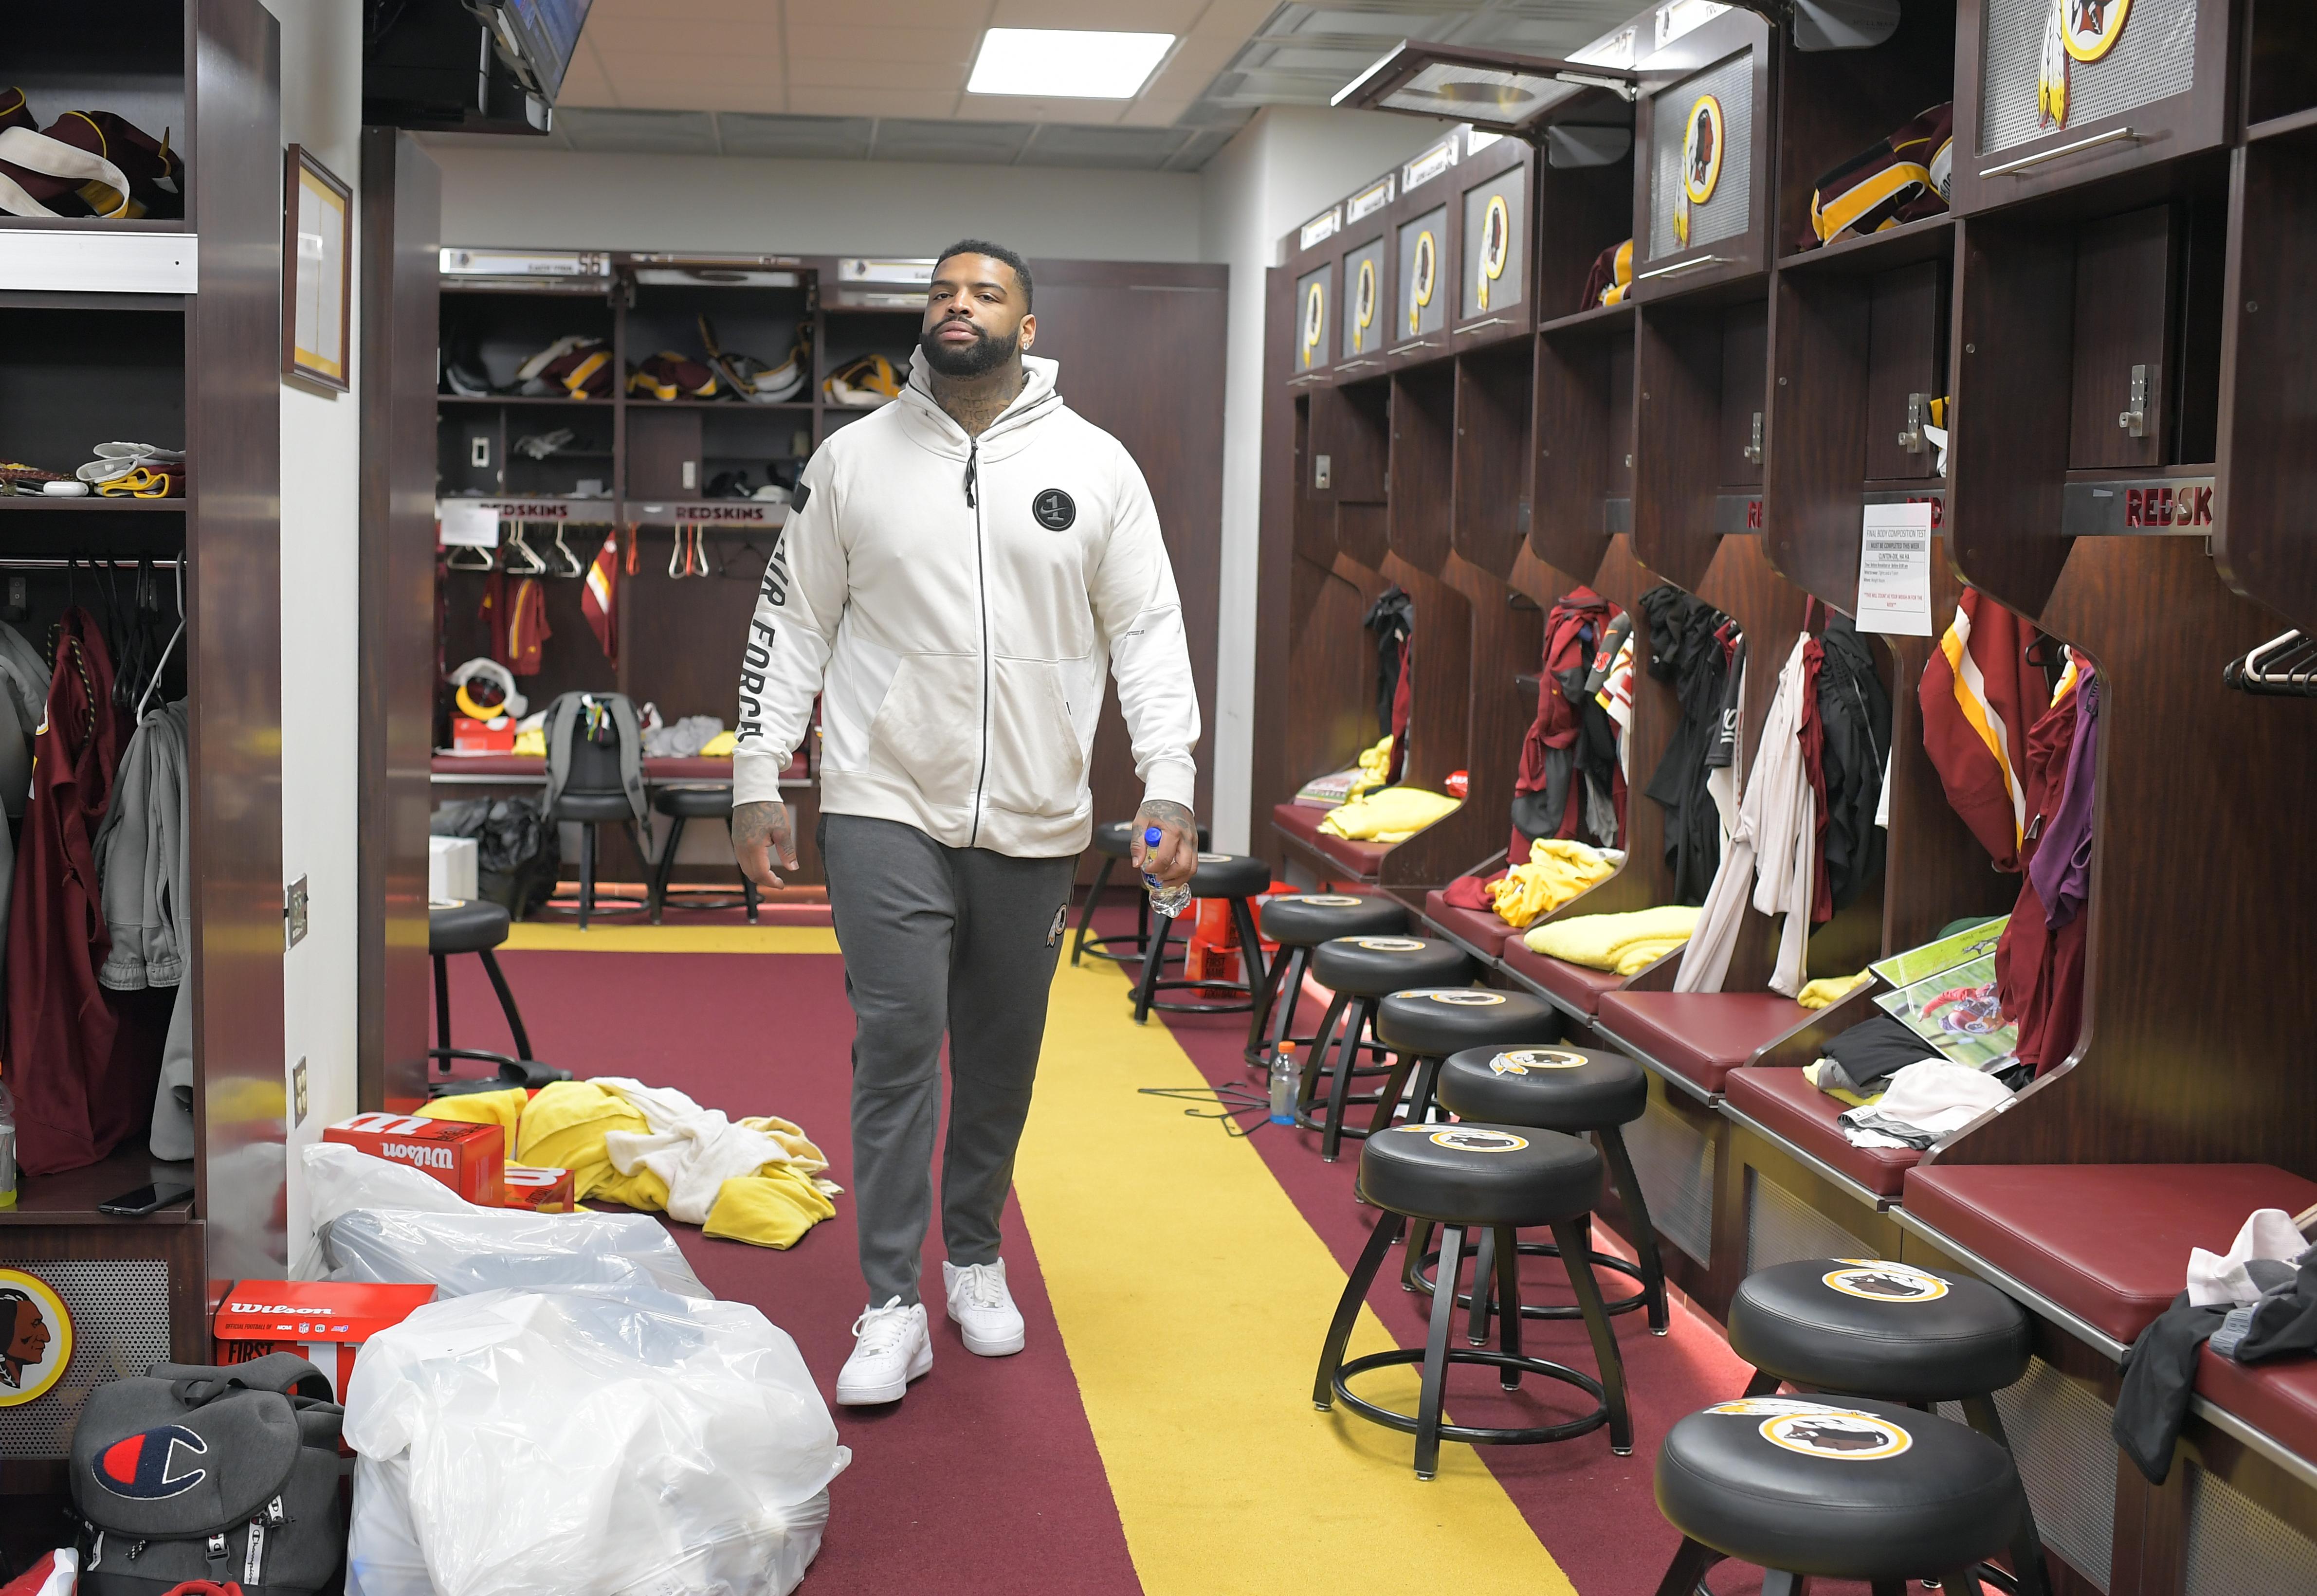 Washington Redskins clean lockers